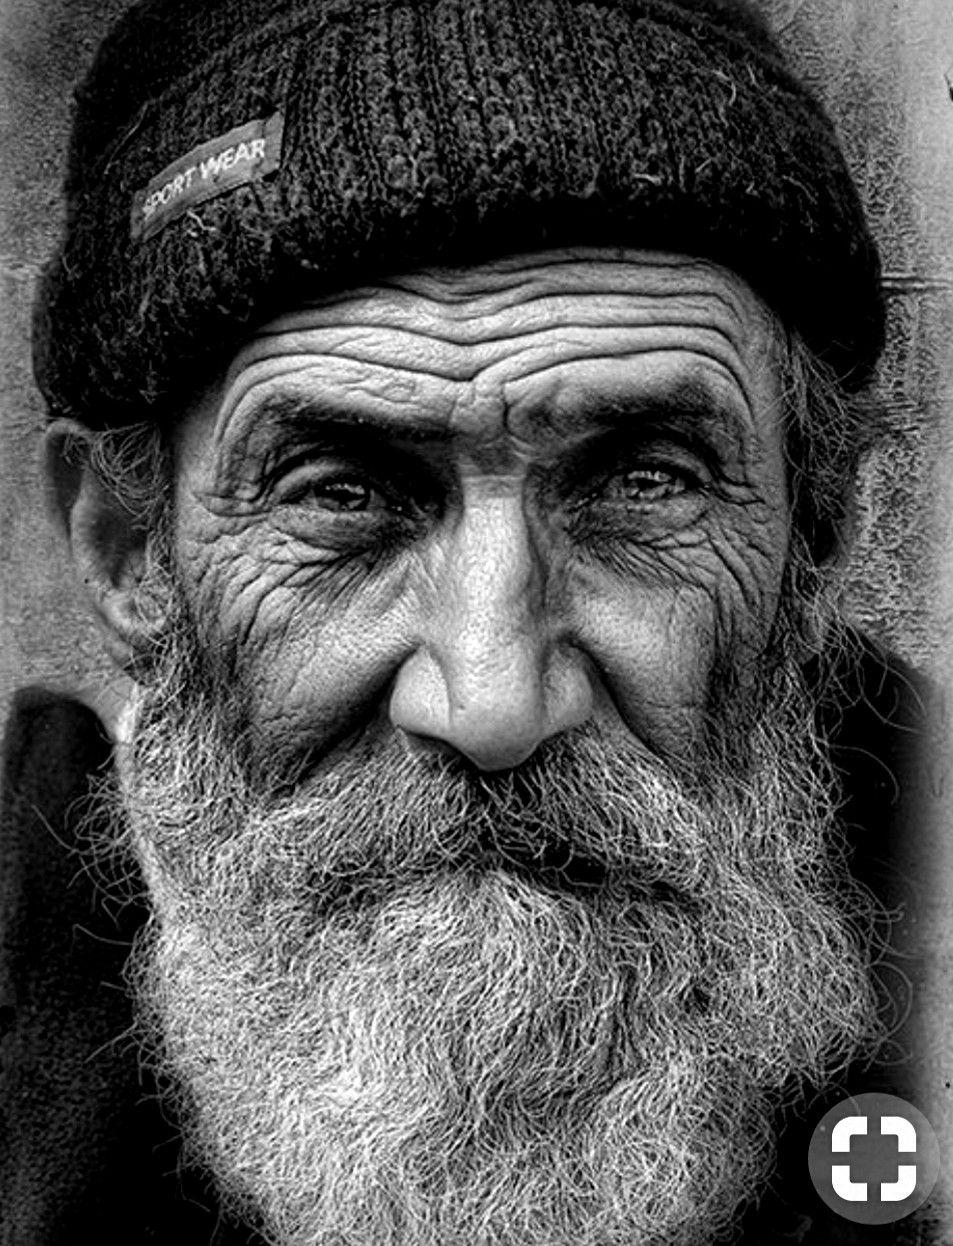 Retrato Anciano Fotografia Retratos Retratos Retrato Fotografico